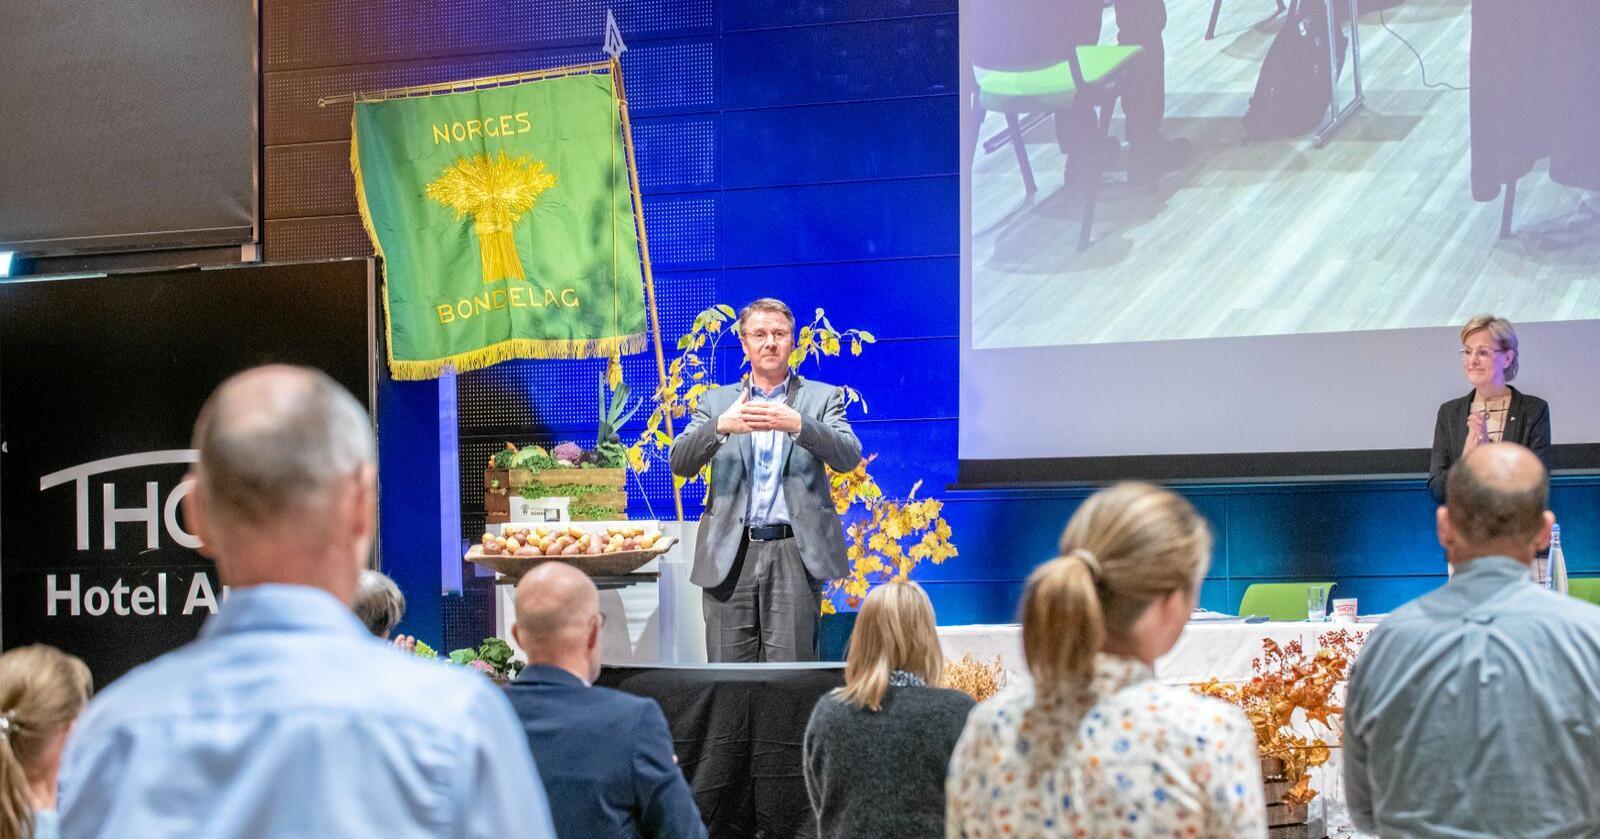 Gjenvalgt: Lars Petter Bartnes ble gjenvalgt som leder i Norges Bondelag. Foto: Vidar Sandnes